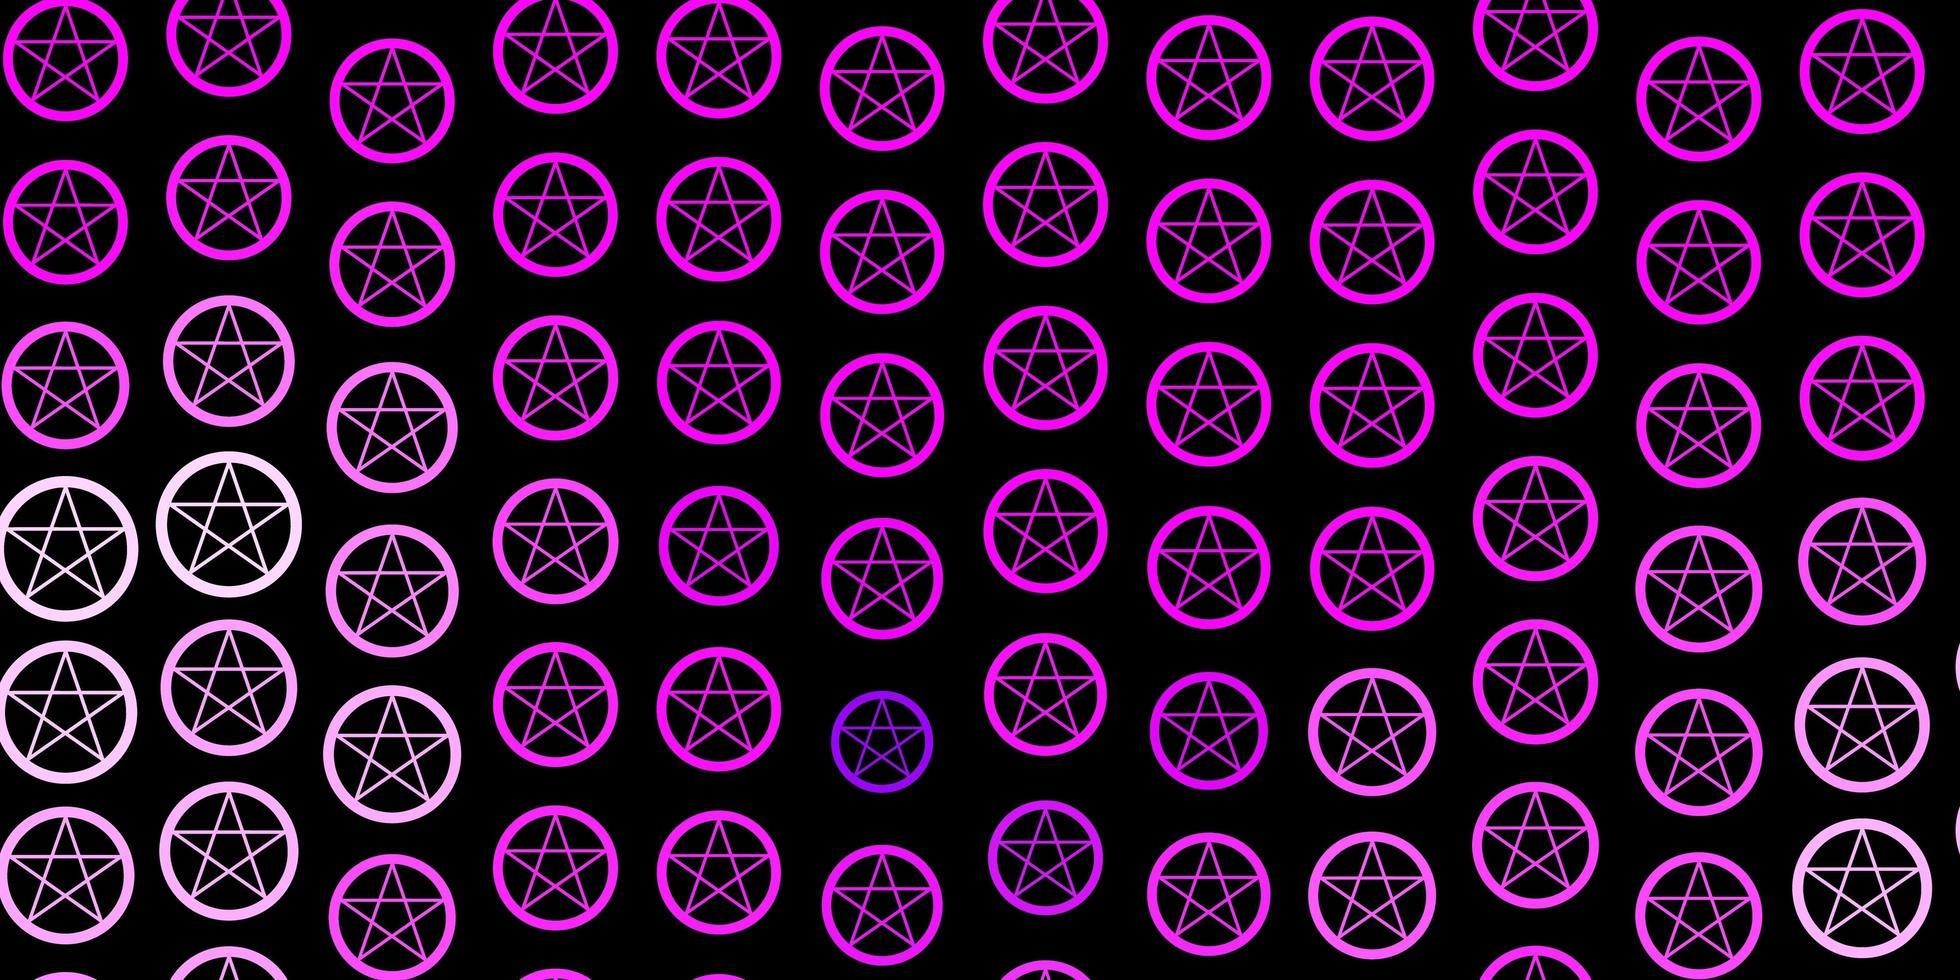 toile de fond de vecteur violet foncé avec des symboles mystérieux.